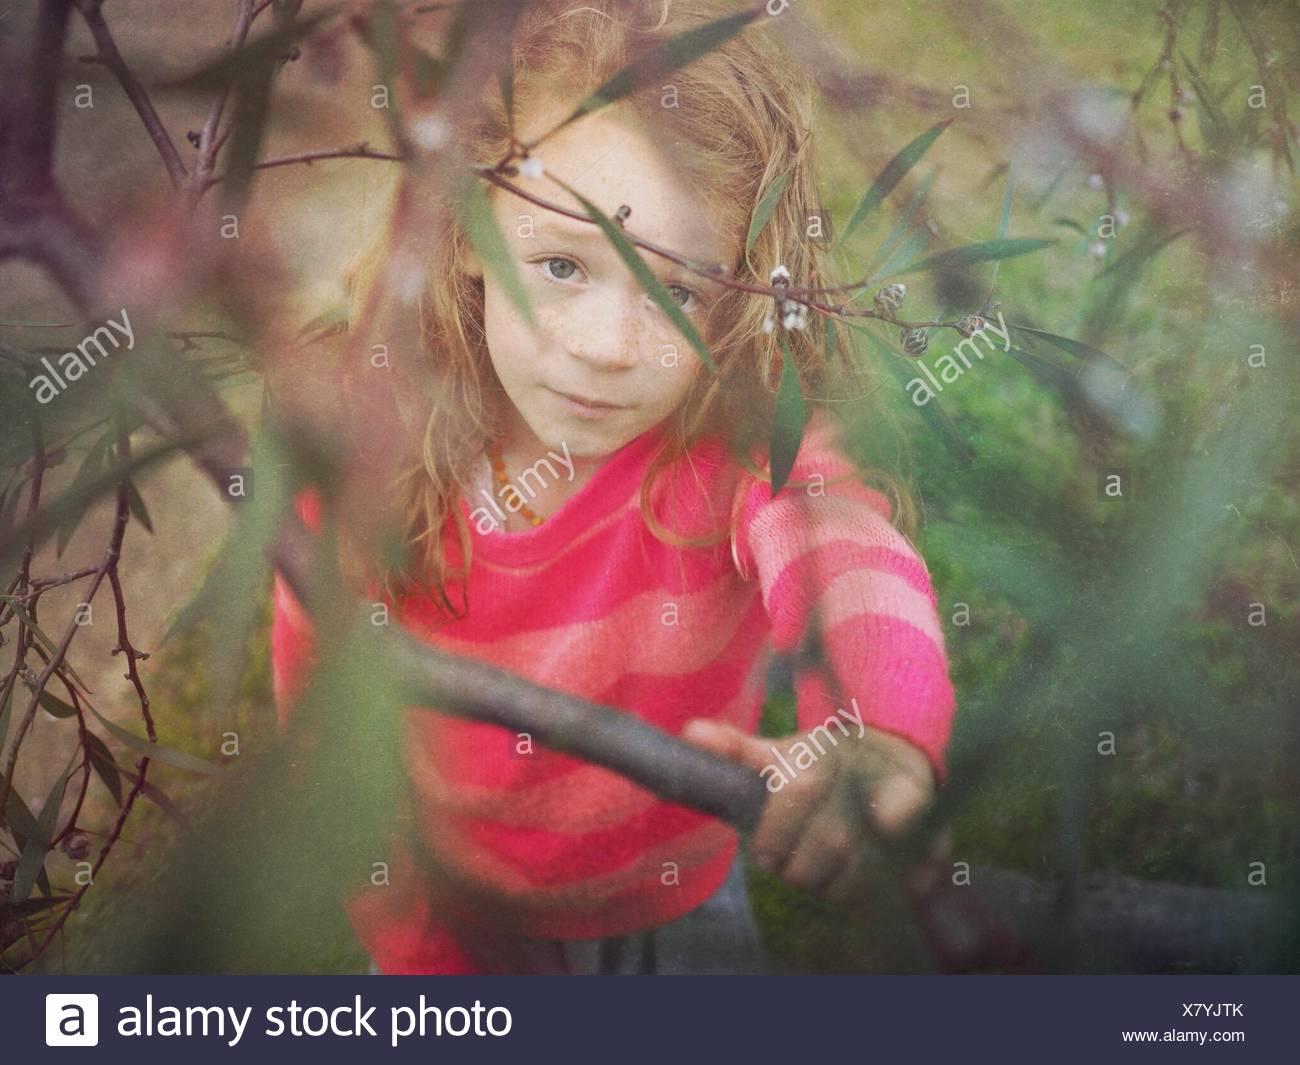 Mädchen durch Äste eines Baumes betrachtet Stockbild